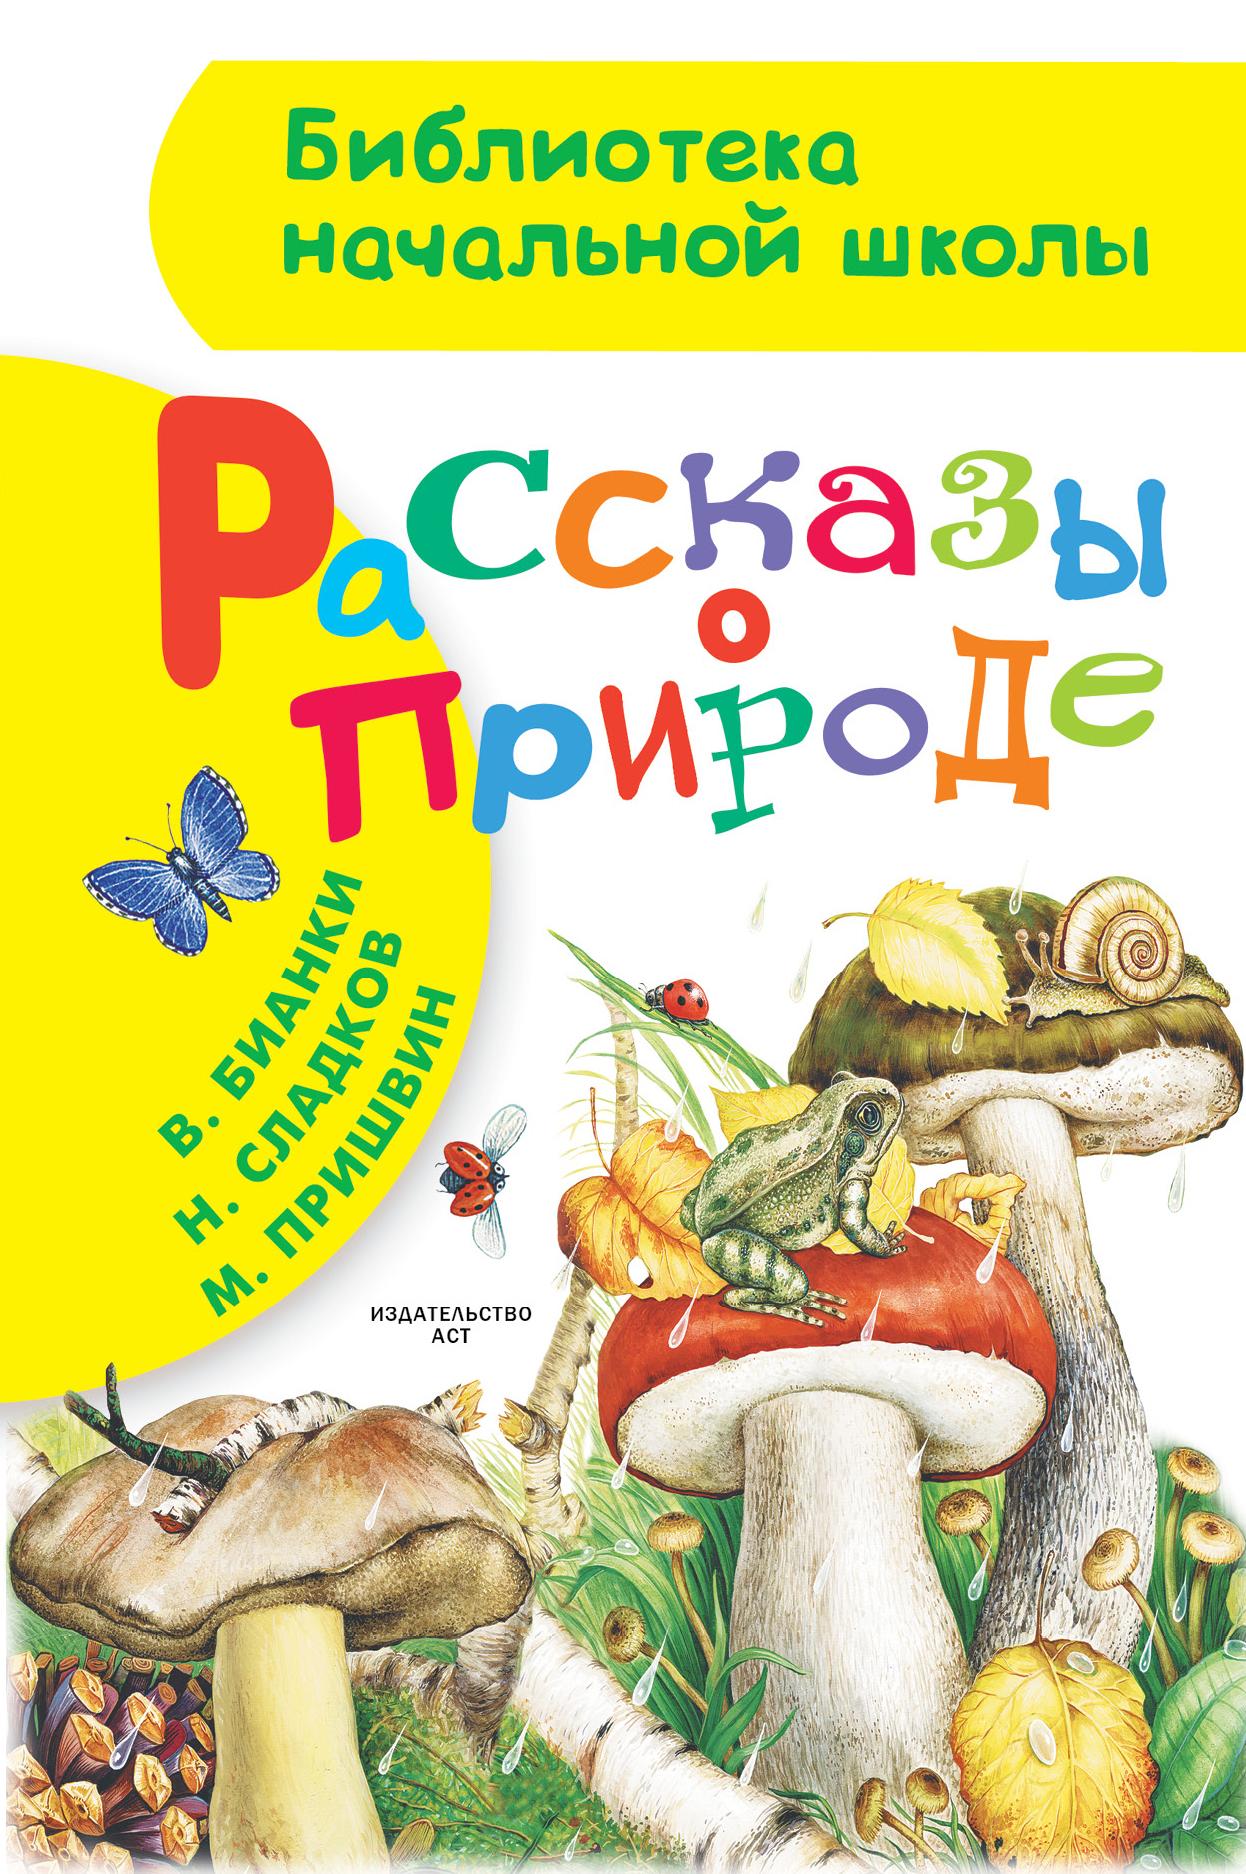 В. Бианки, Н. Сладков, М. Пришвин Рассказы о природе м м пришвин лесные рассказы